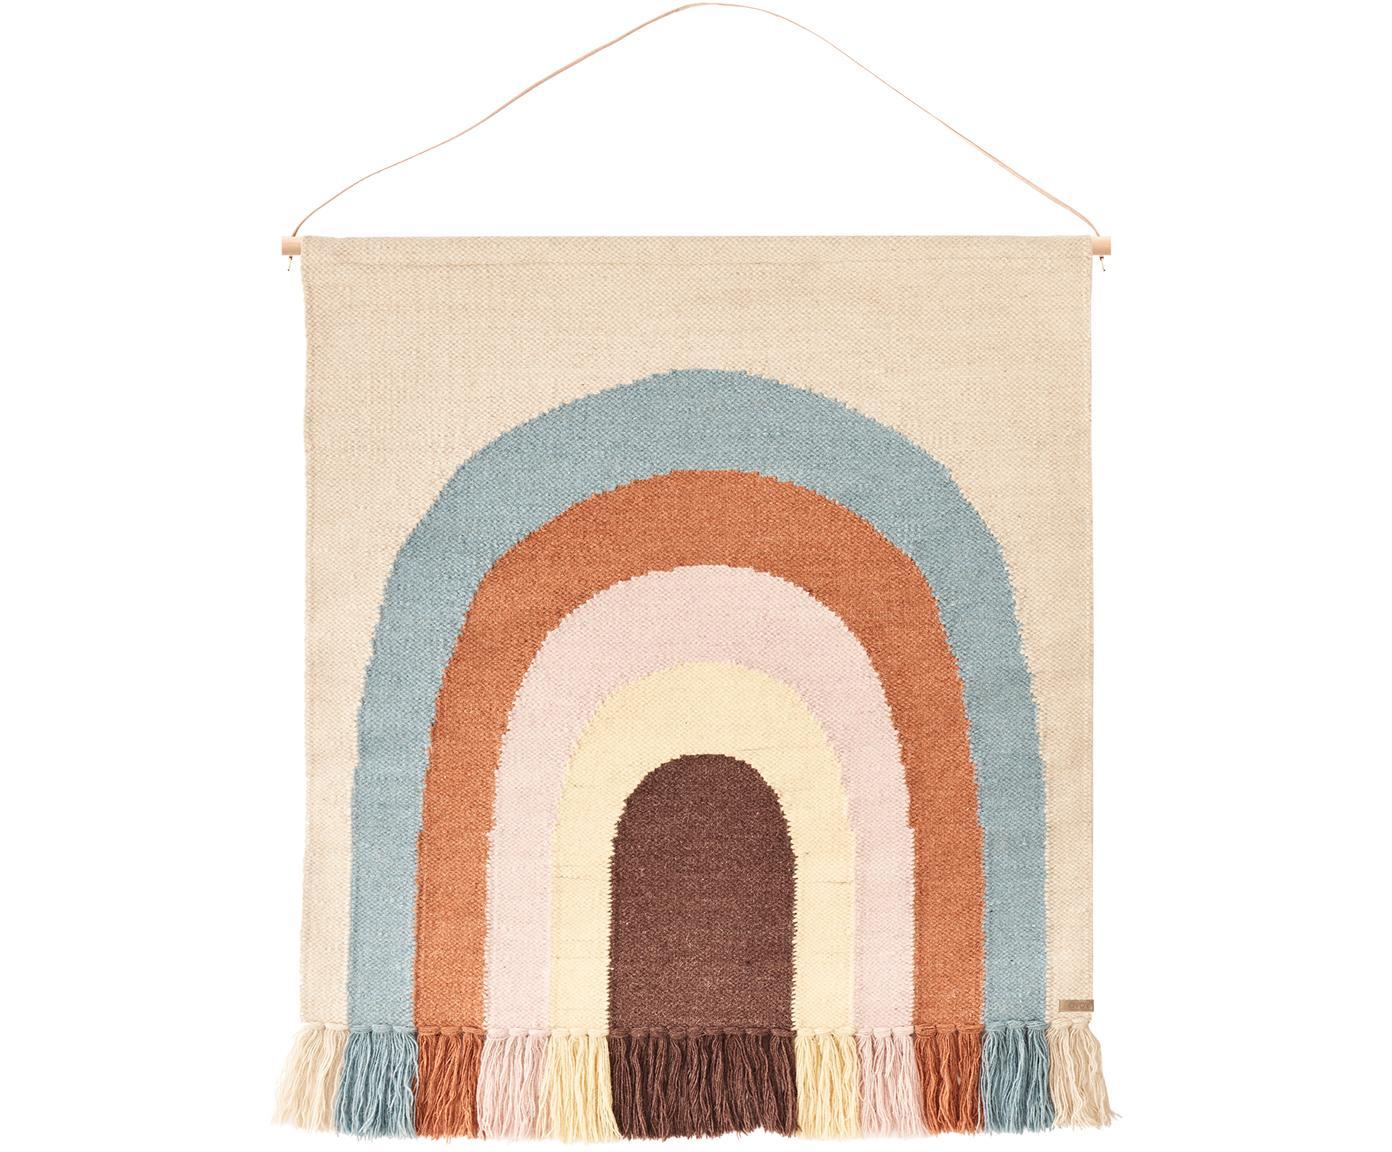 Wandobject Rainbow, 80% wol, 20% katoen, Beige, blauw, oranje, roze, crèmekleurig, oudroze, 100 x 115 cm